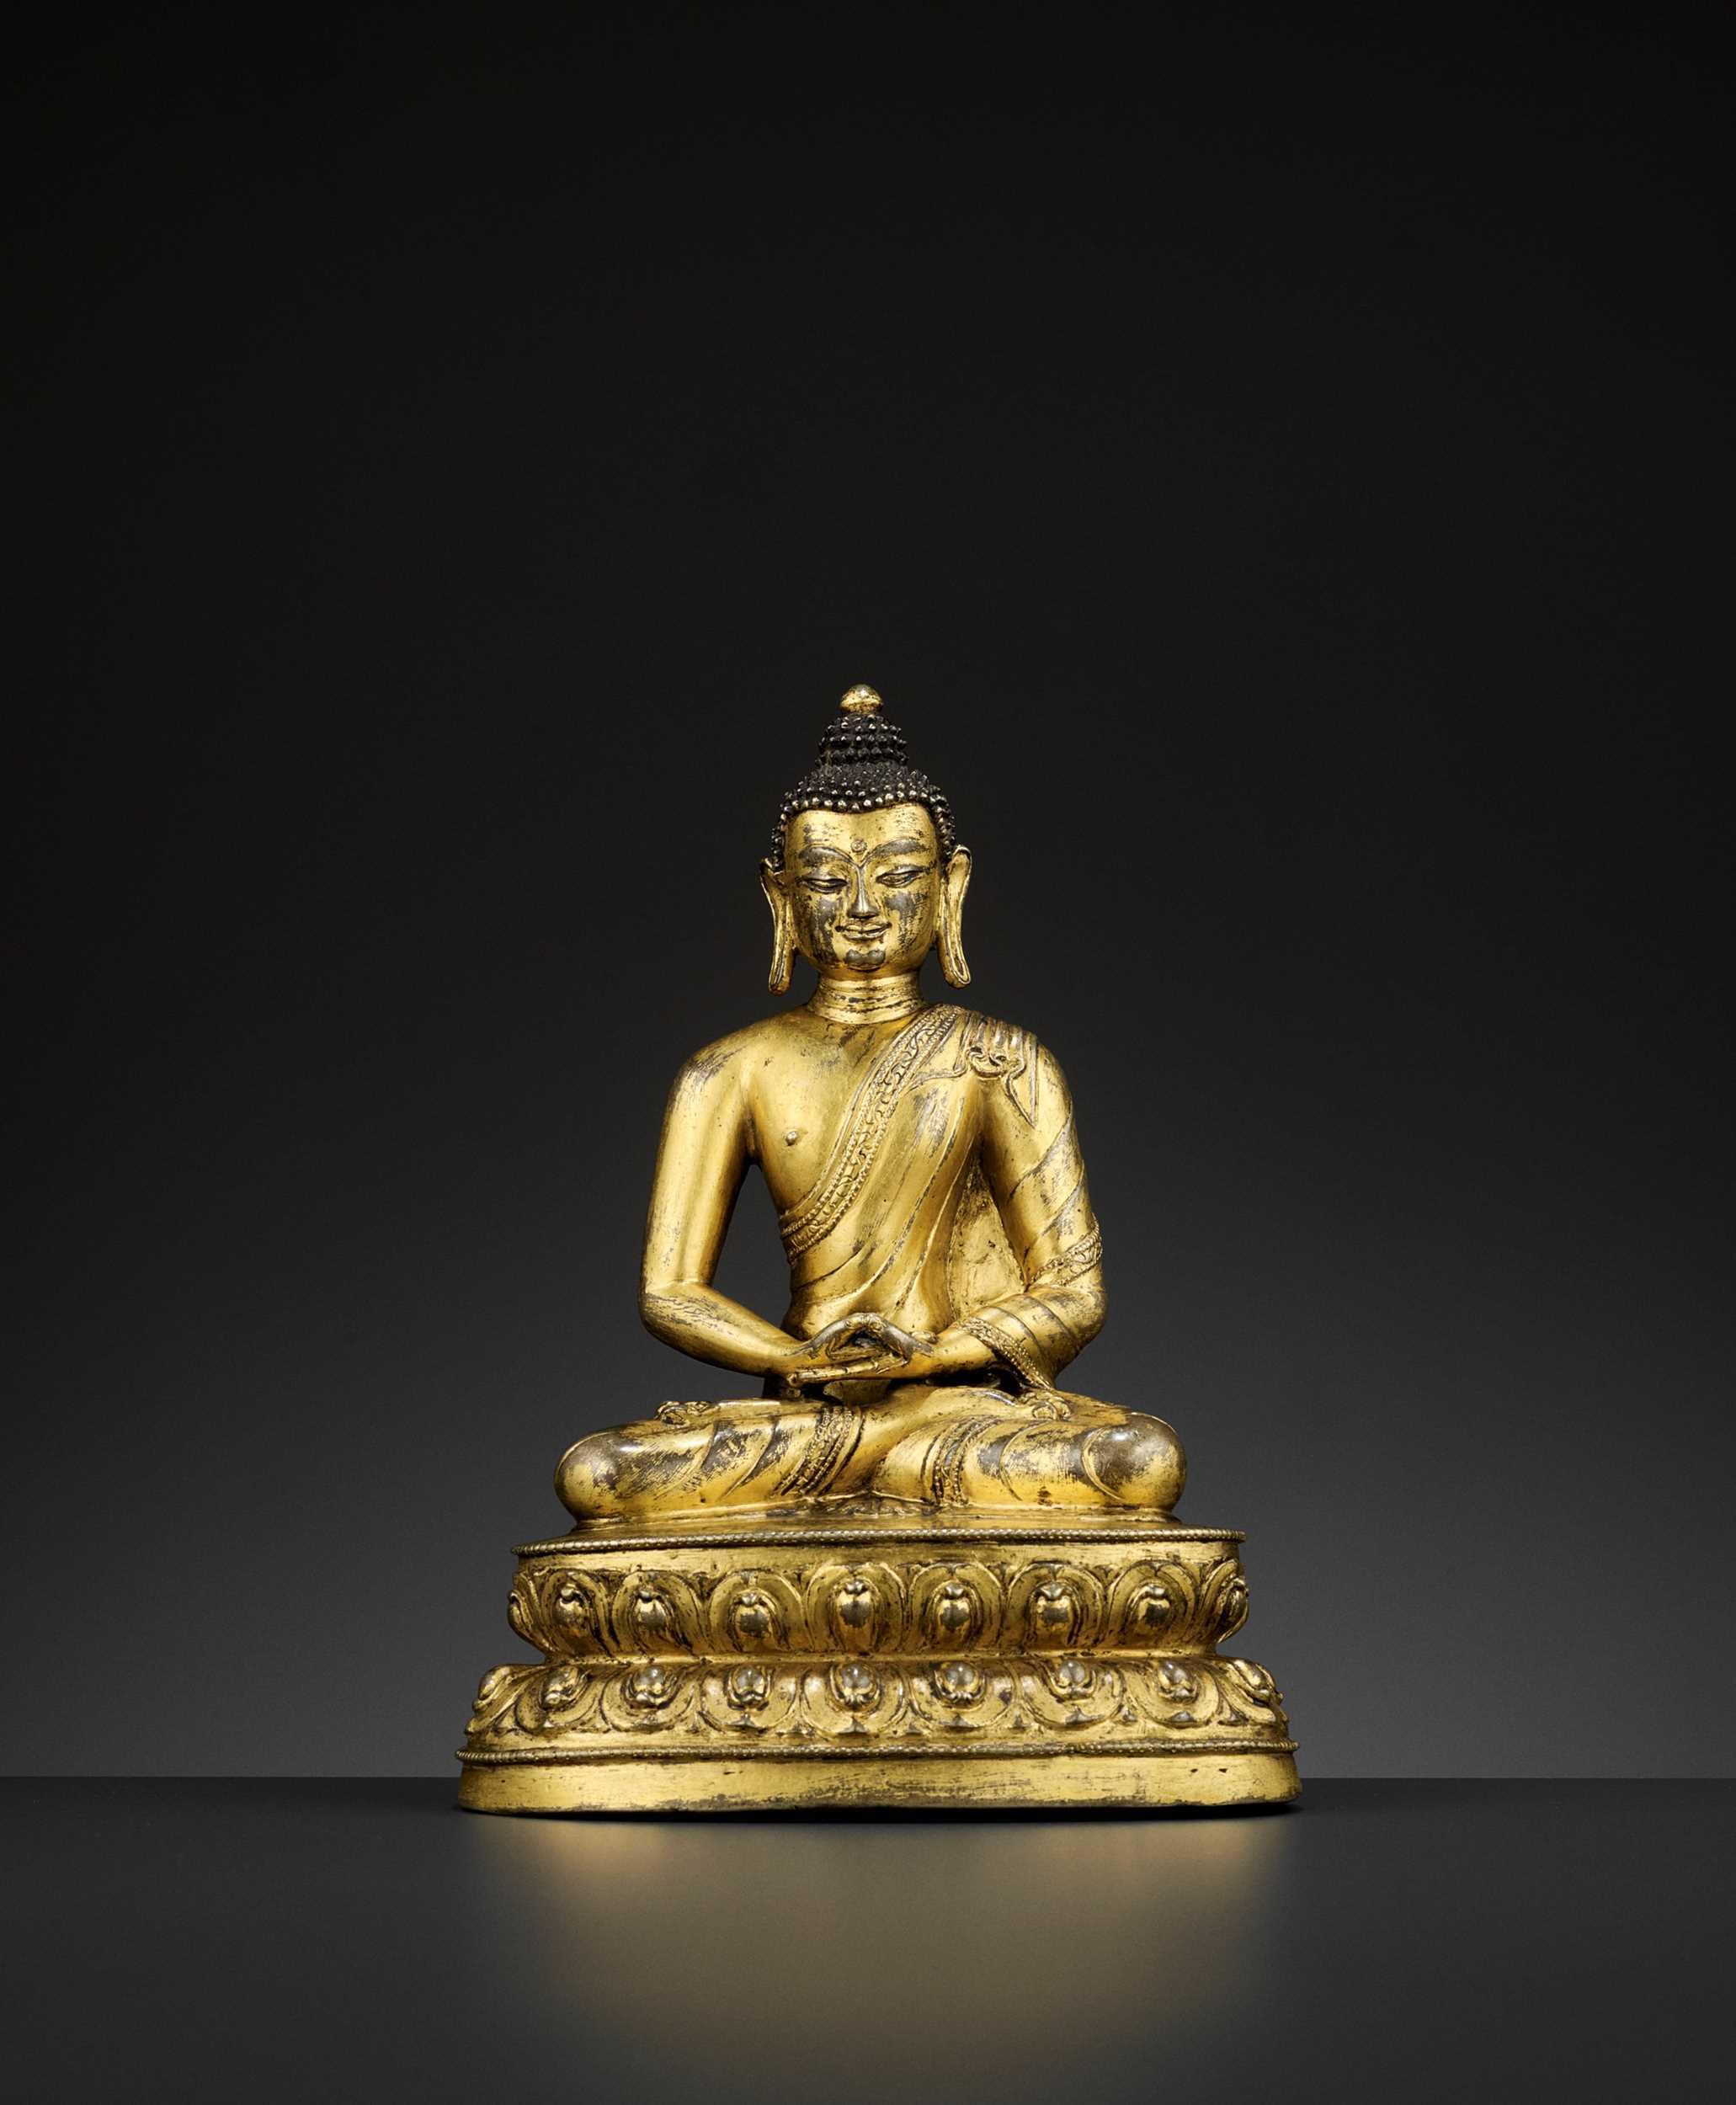 Lot 475 - A GILT BRONZE FIGURE OF BUDDHA SHAKYAMUNI, 15TH CENTURY